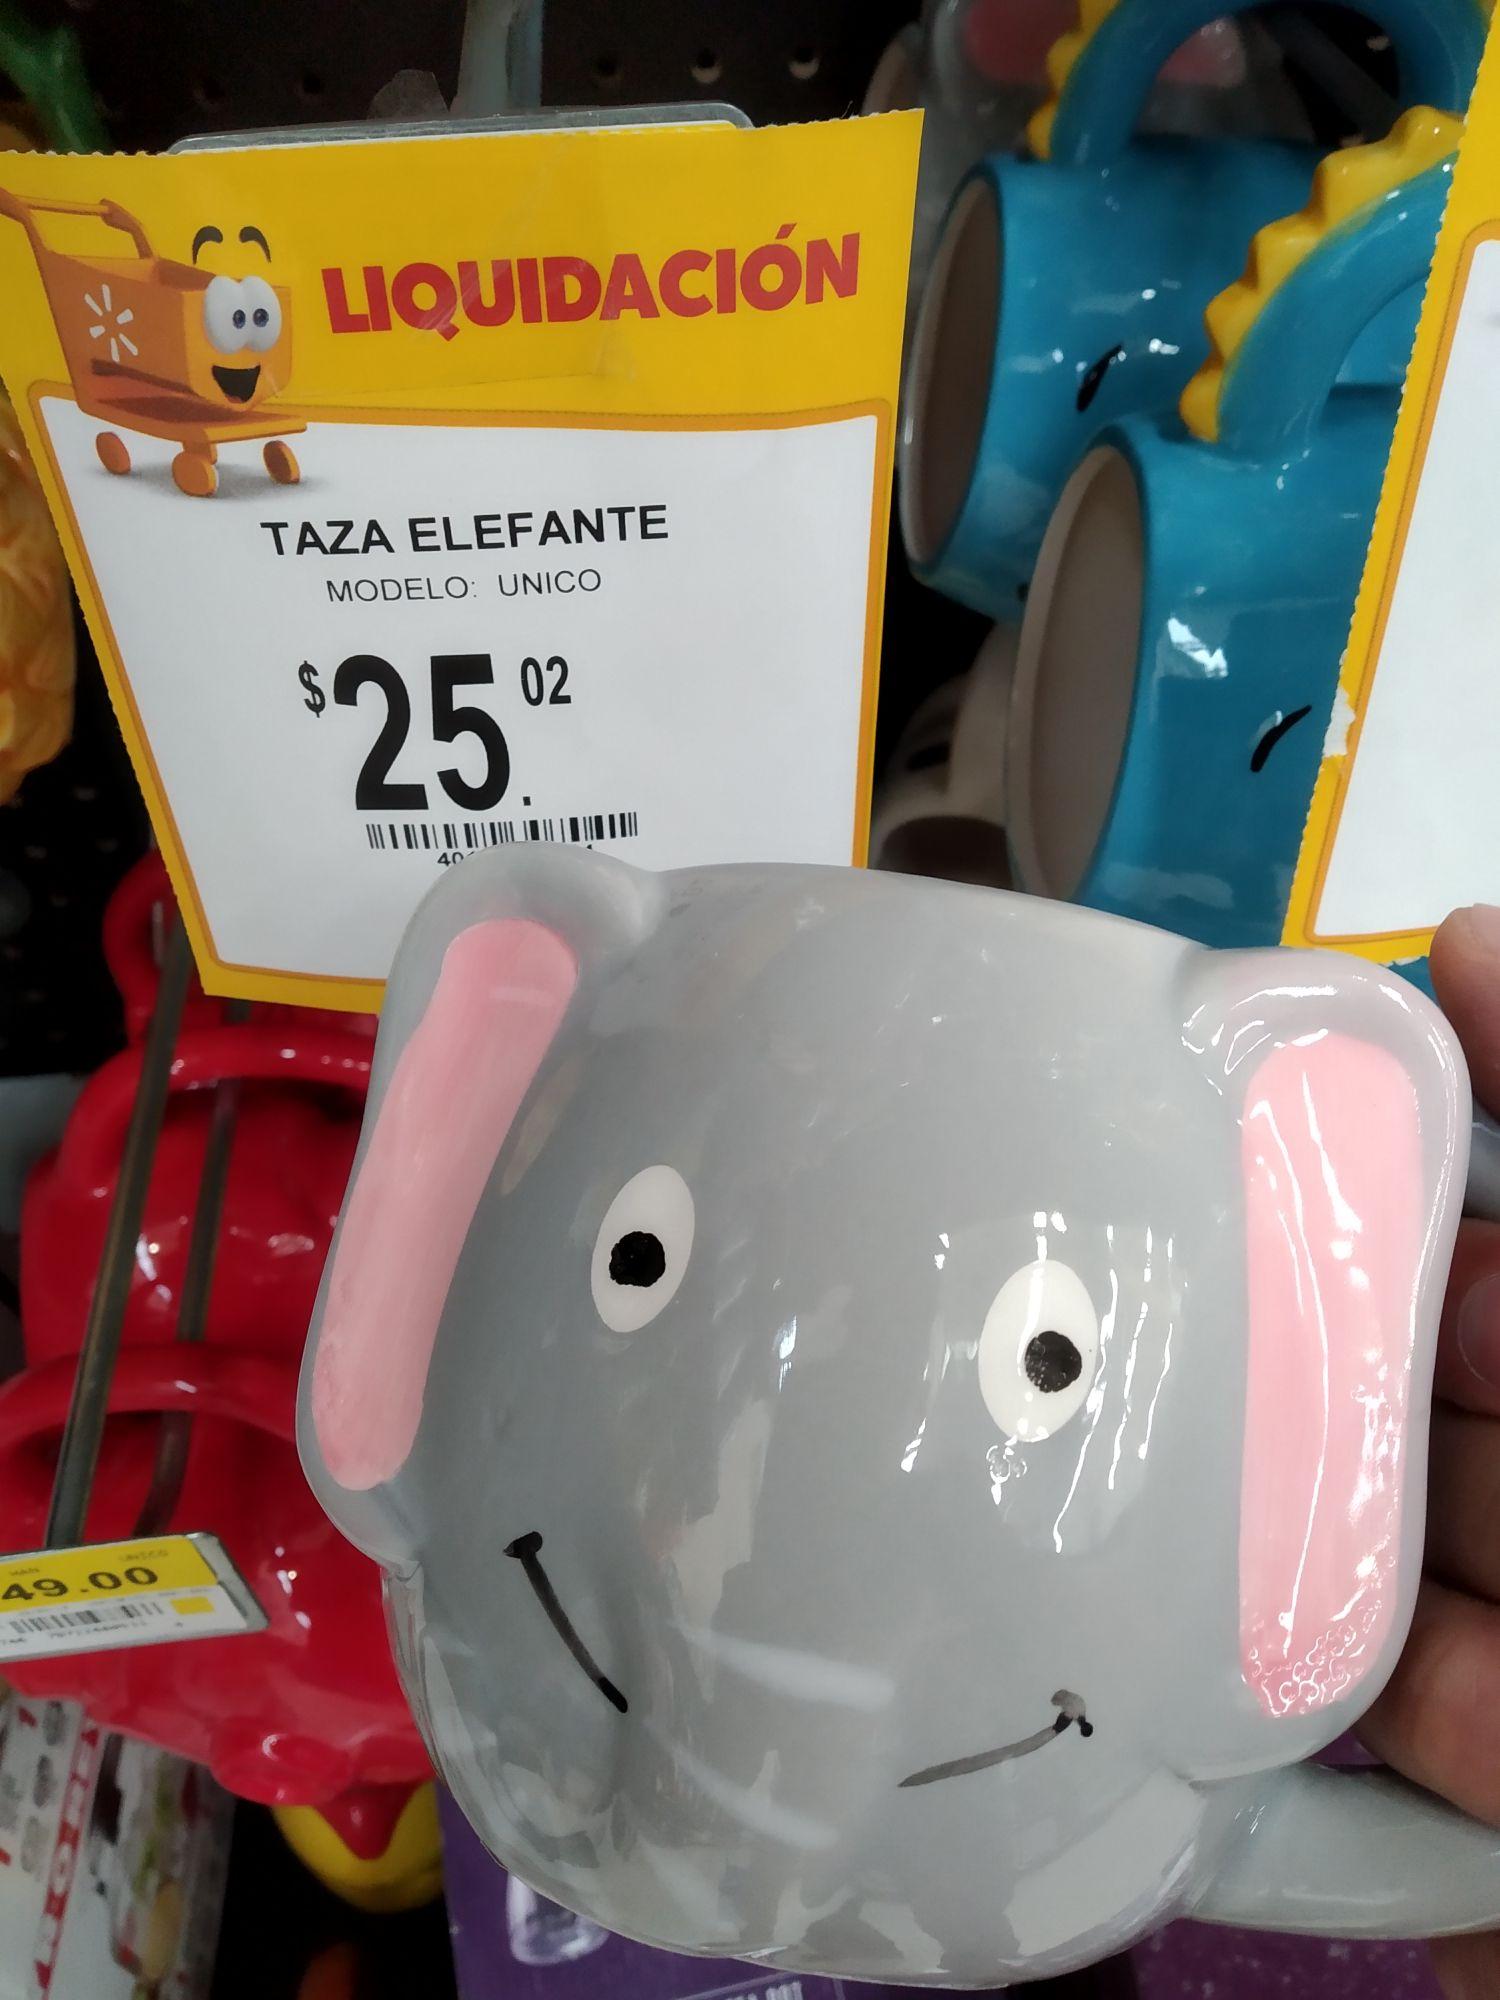 Walmart: taza de elefante en segunda liquidación.